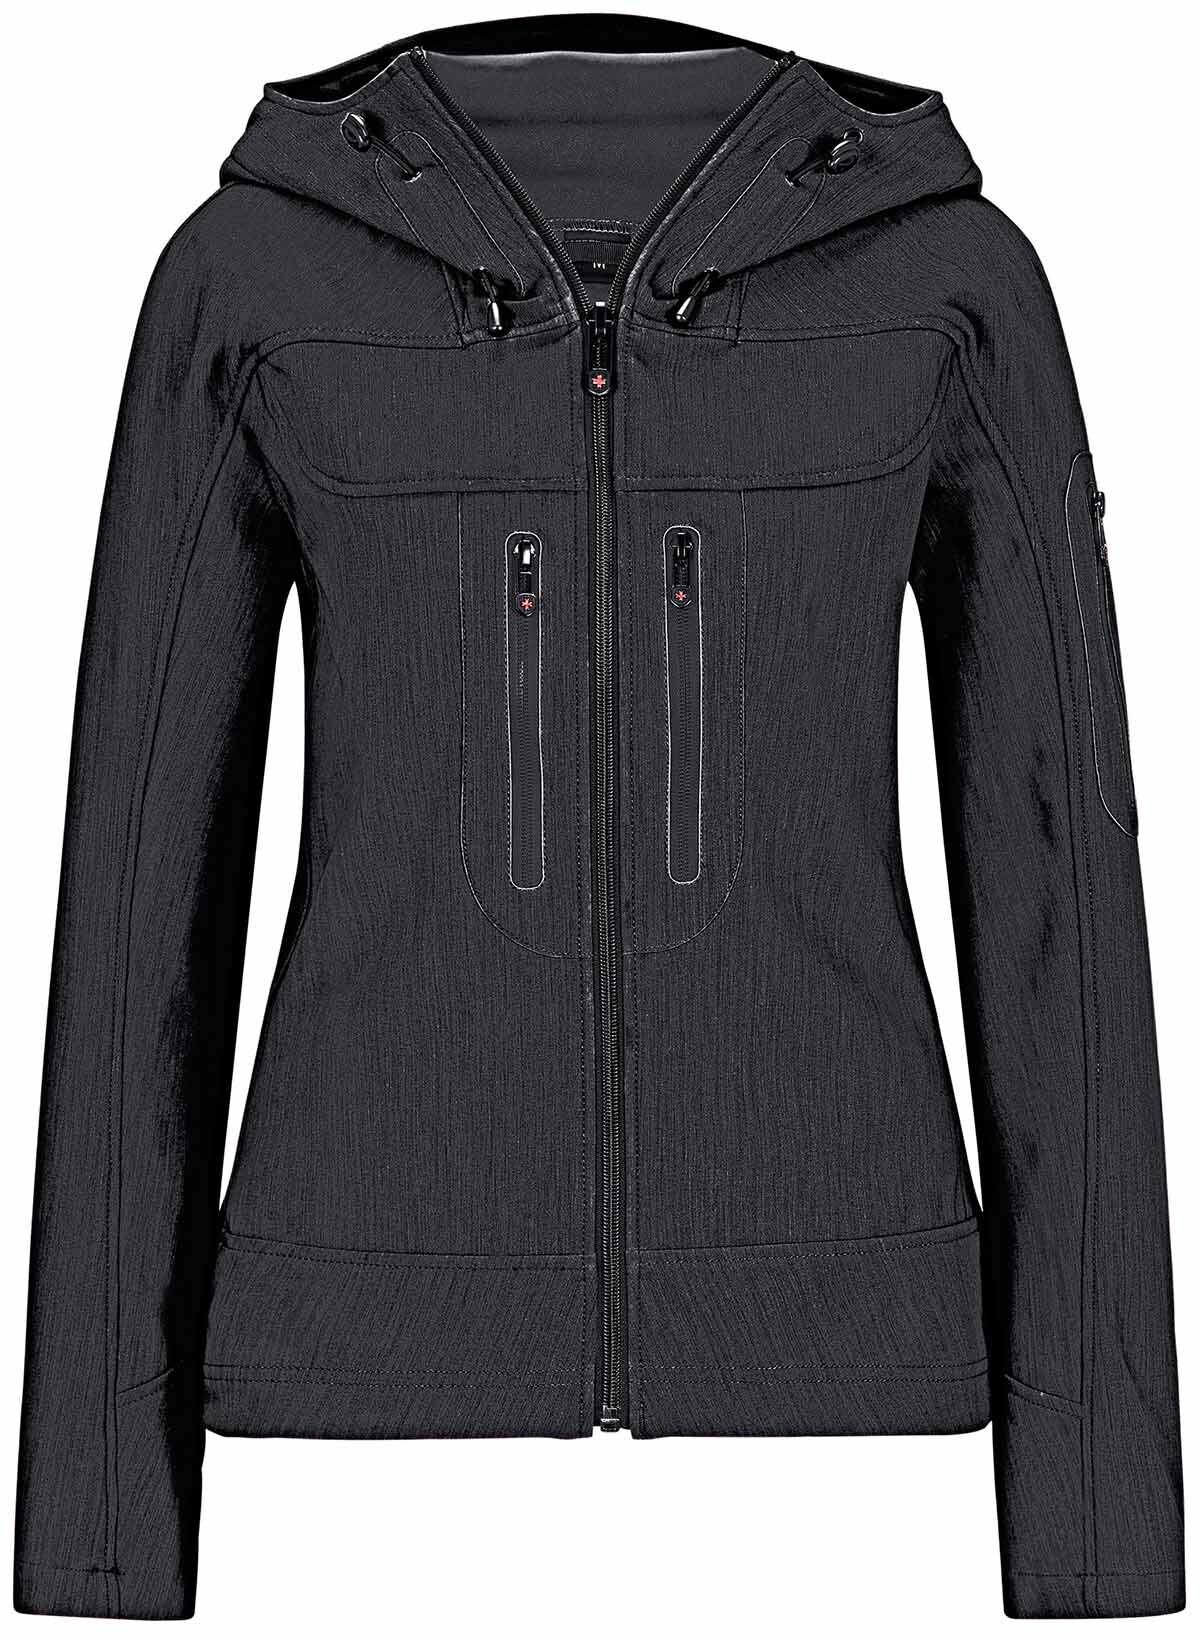 am besten wählen so billig Beste WELLENSTEYN Dynamica Softshell-Jacke schwarz